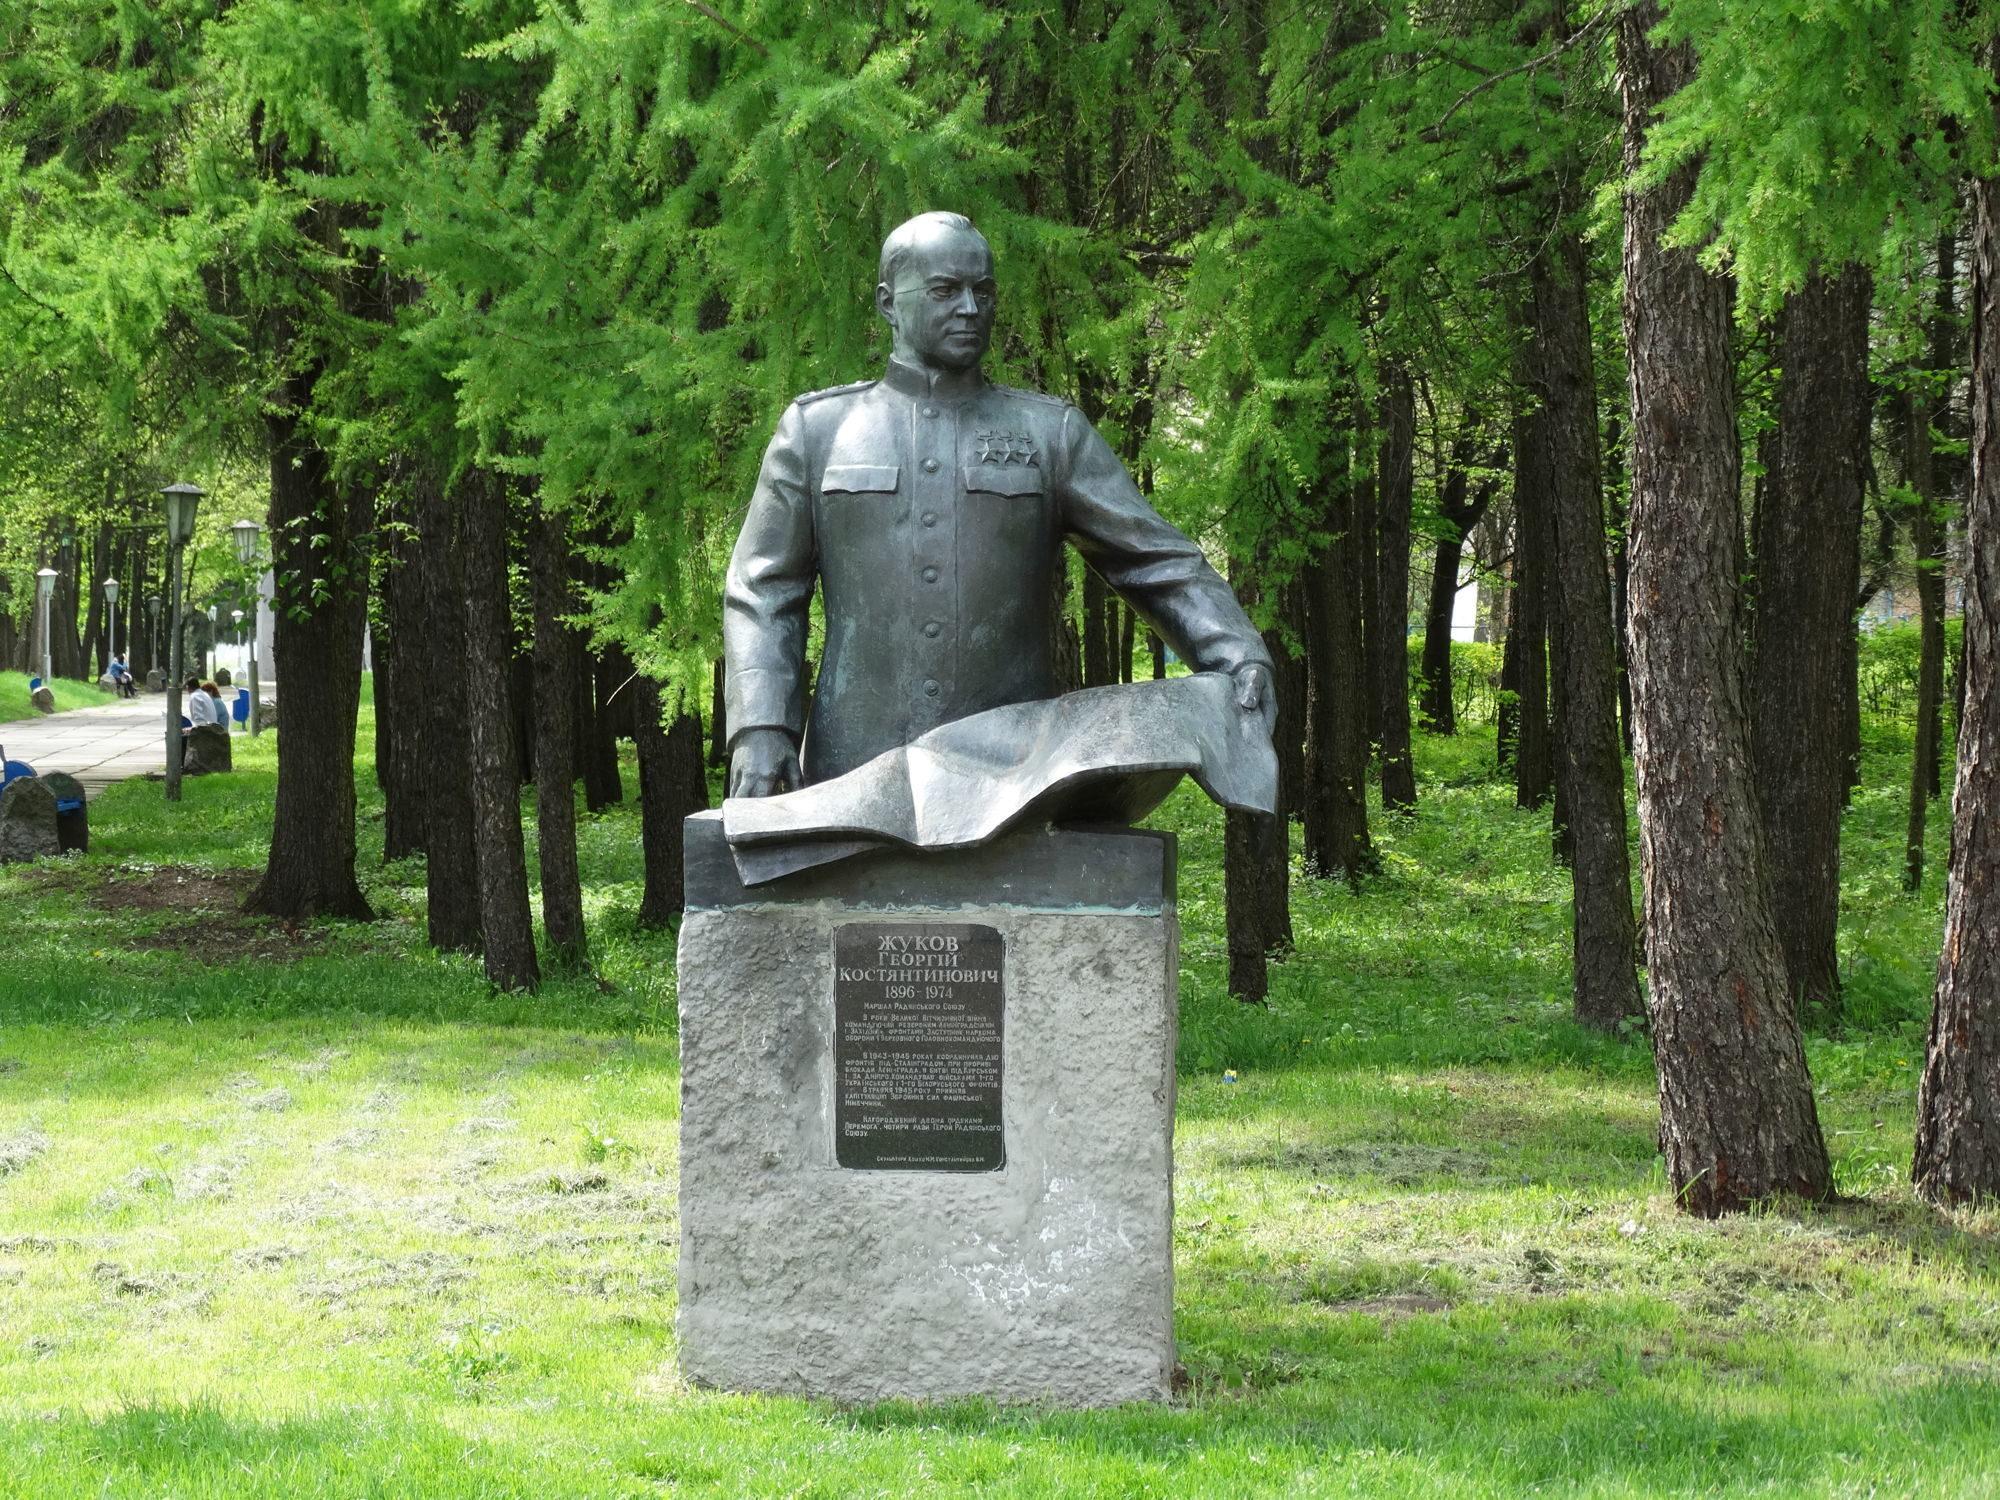 У Яготині демонтують пам'ятник Жукову -  - big 56c30e2aff9367507f024817 56c47e7f8d02e 1bc8vk0 2000x1500